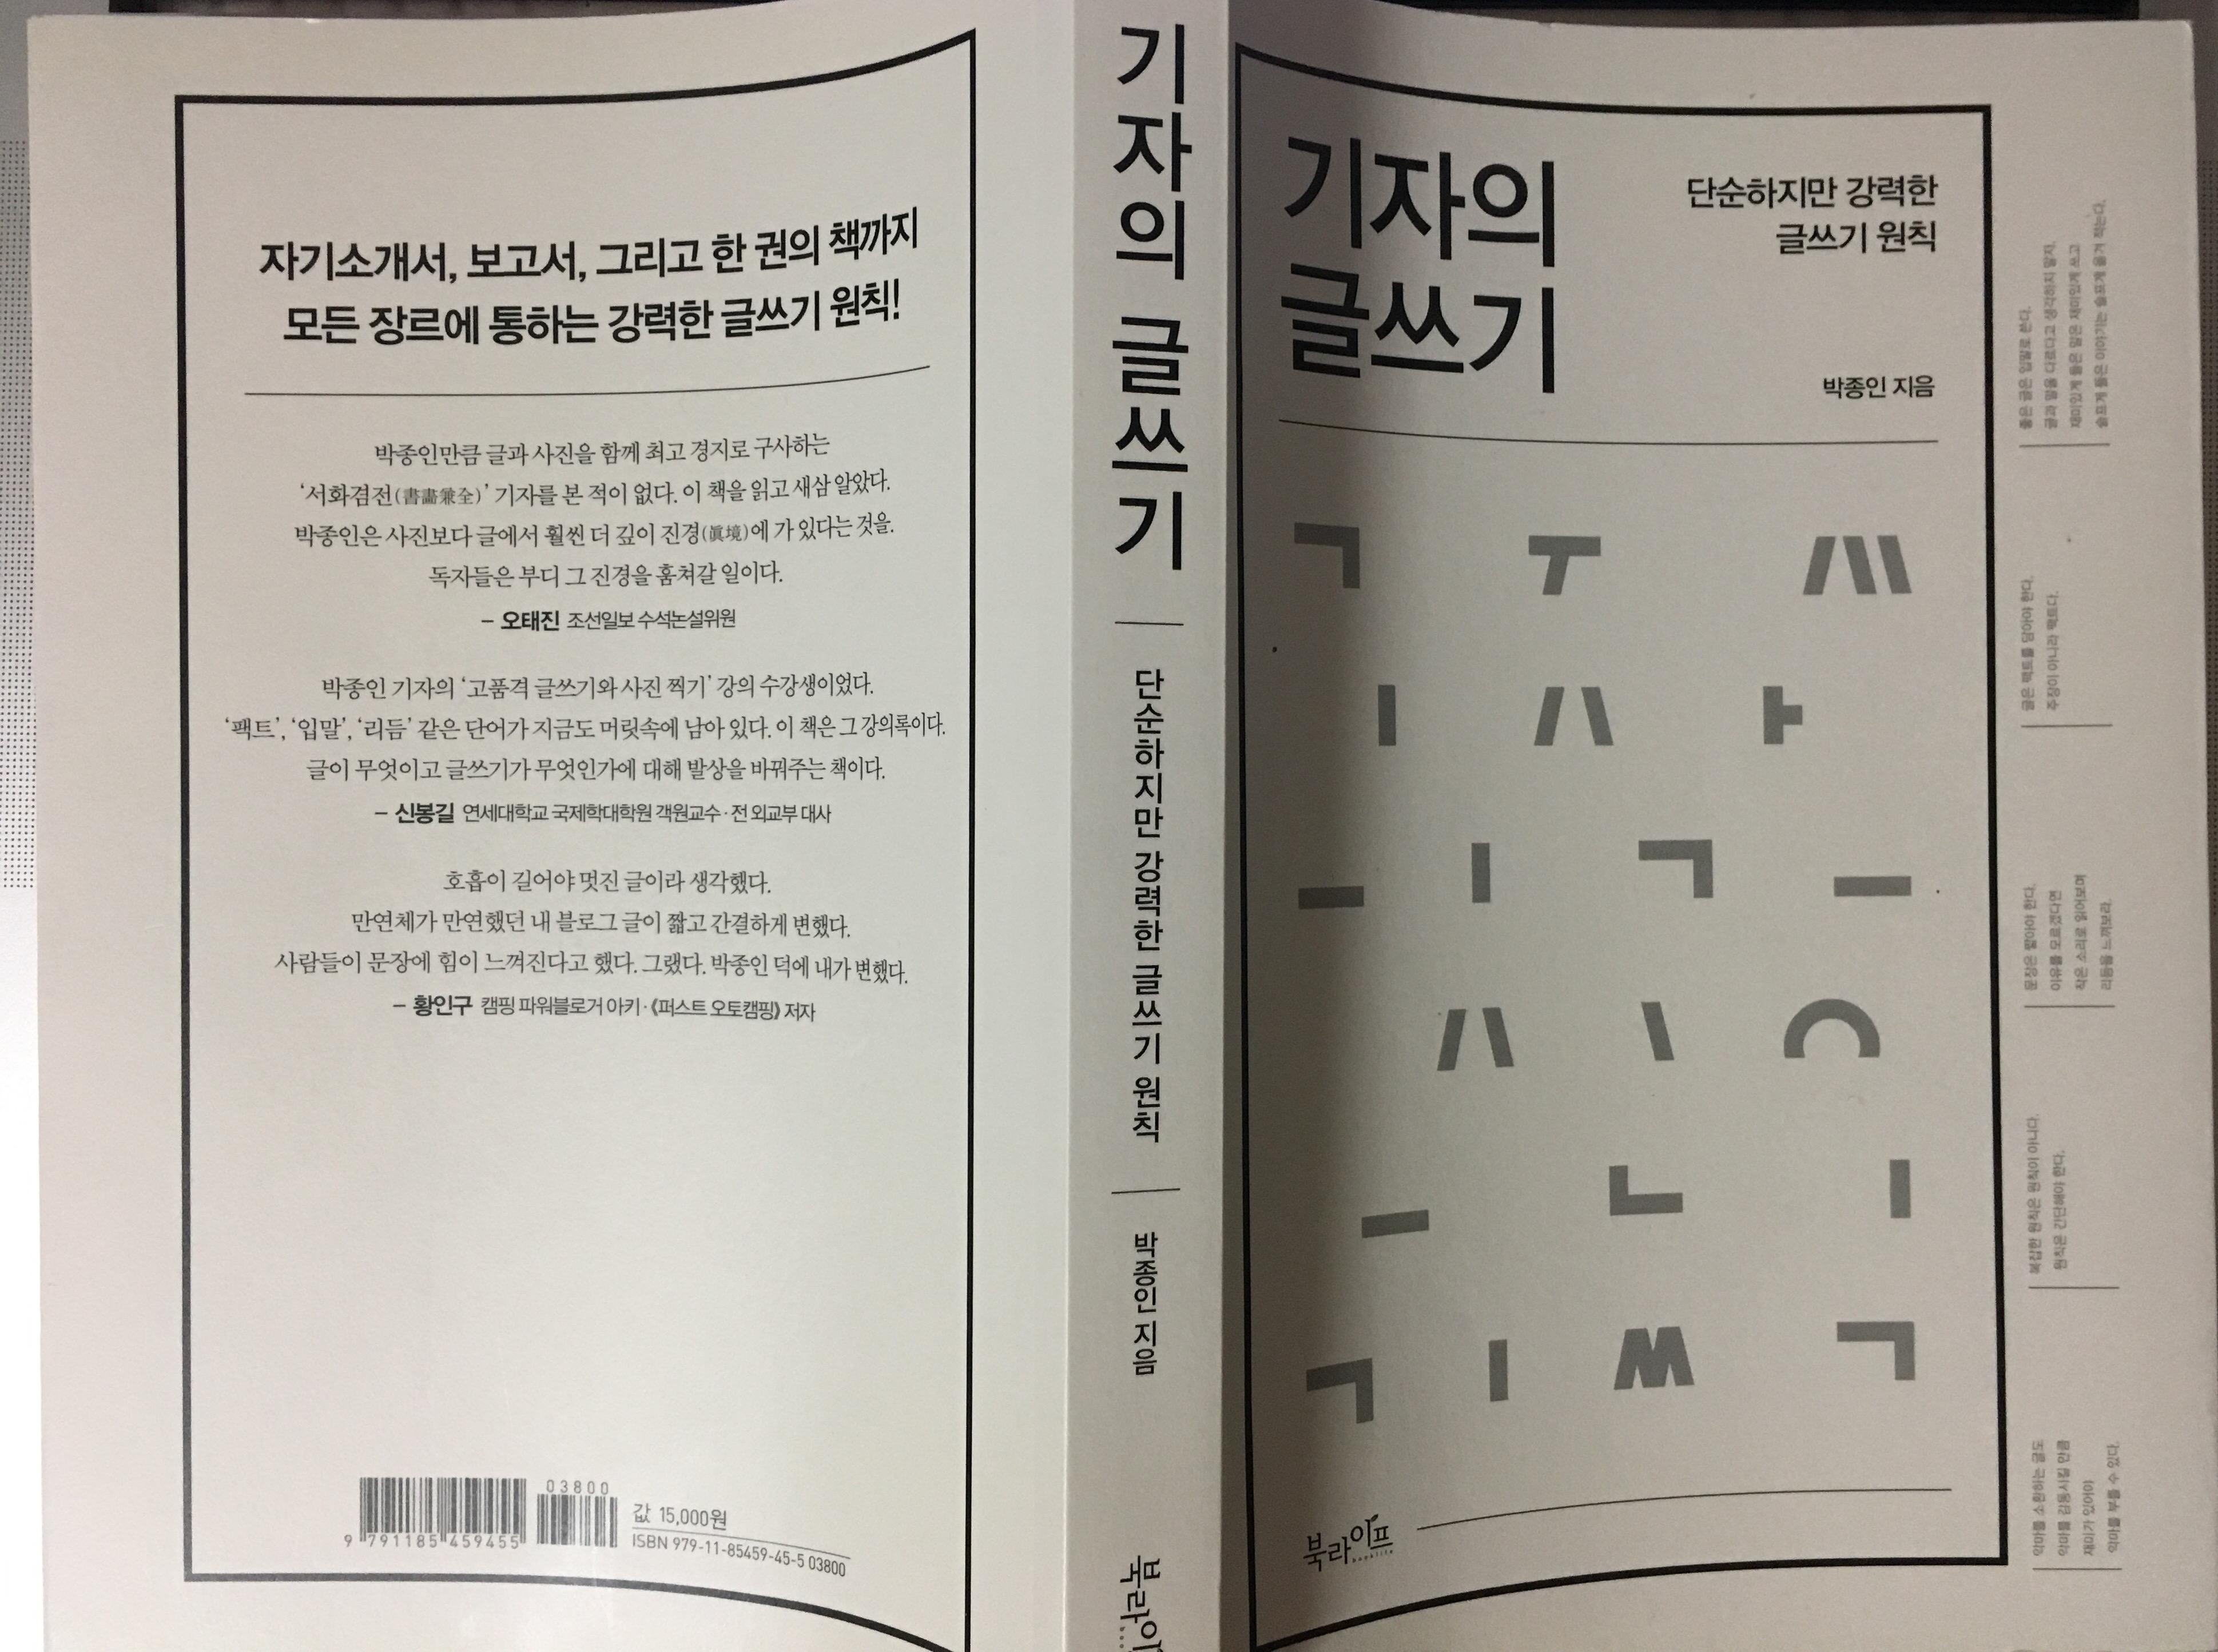 [Book Review] , 박종인, 북라이프, 2016.